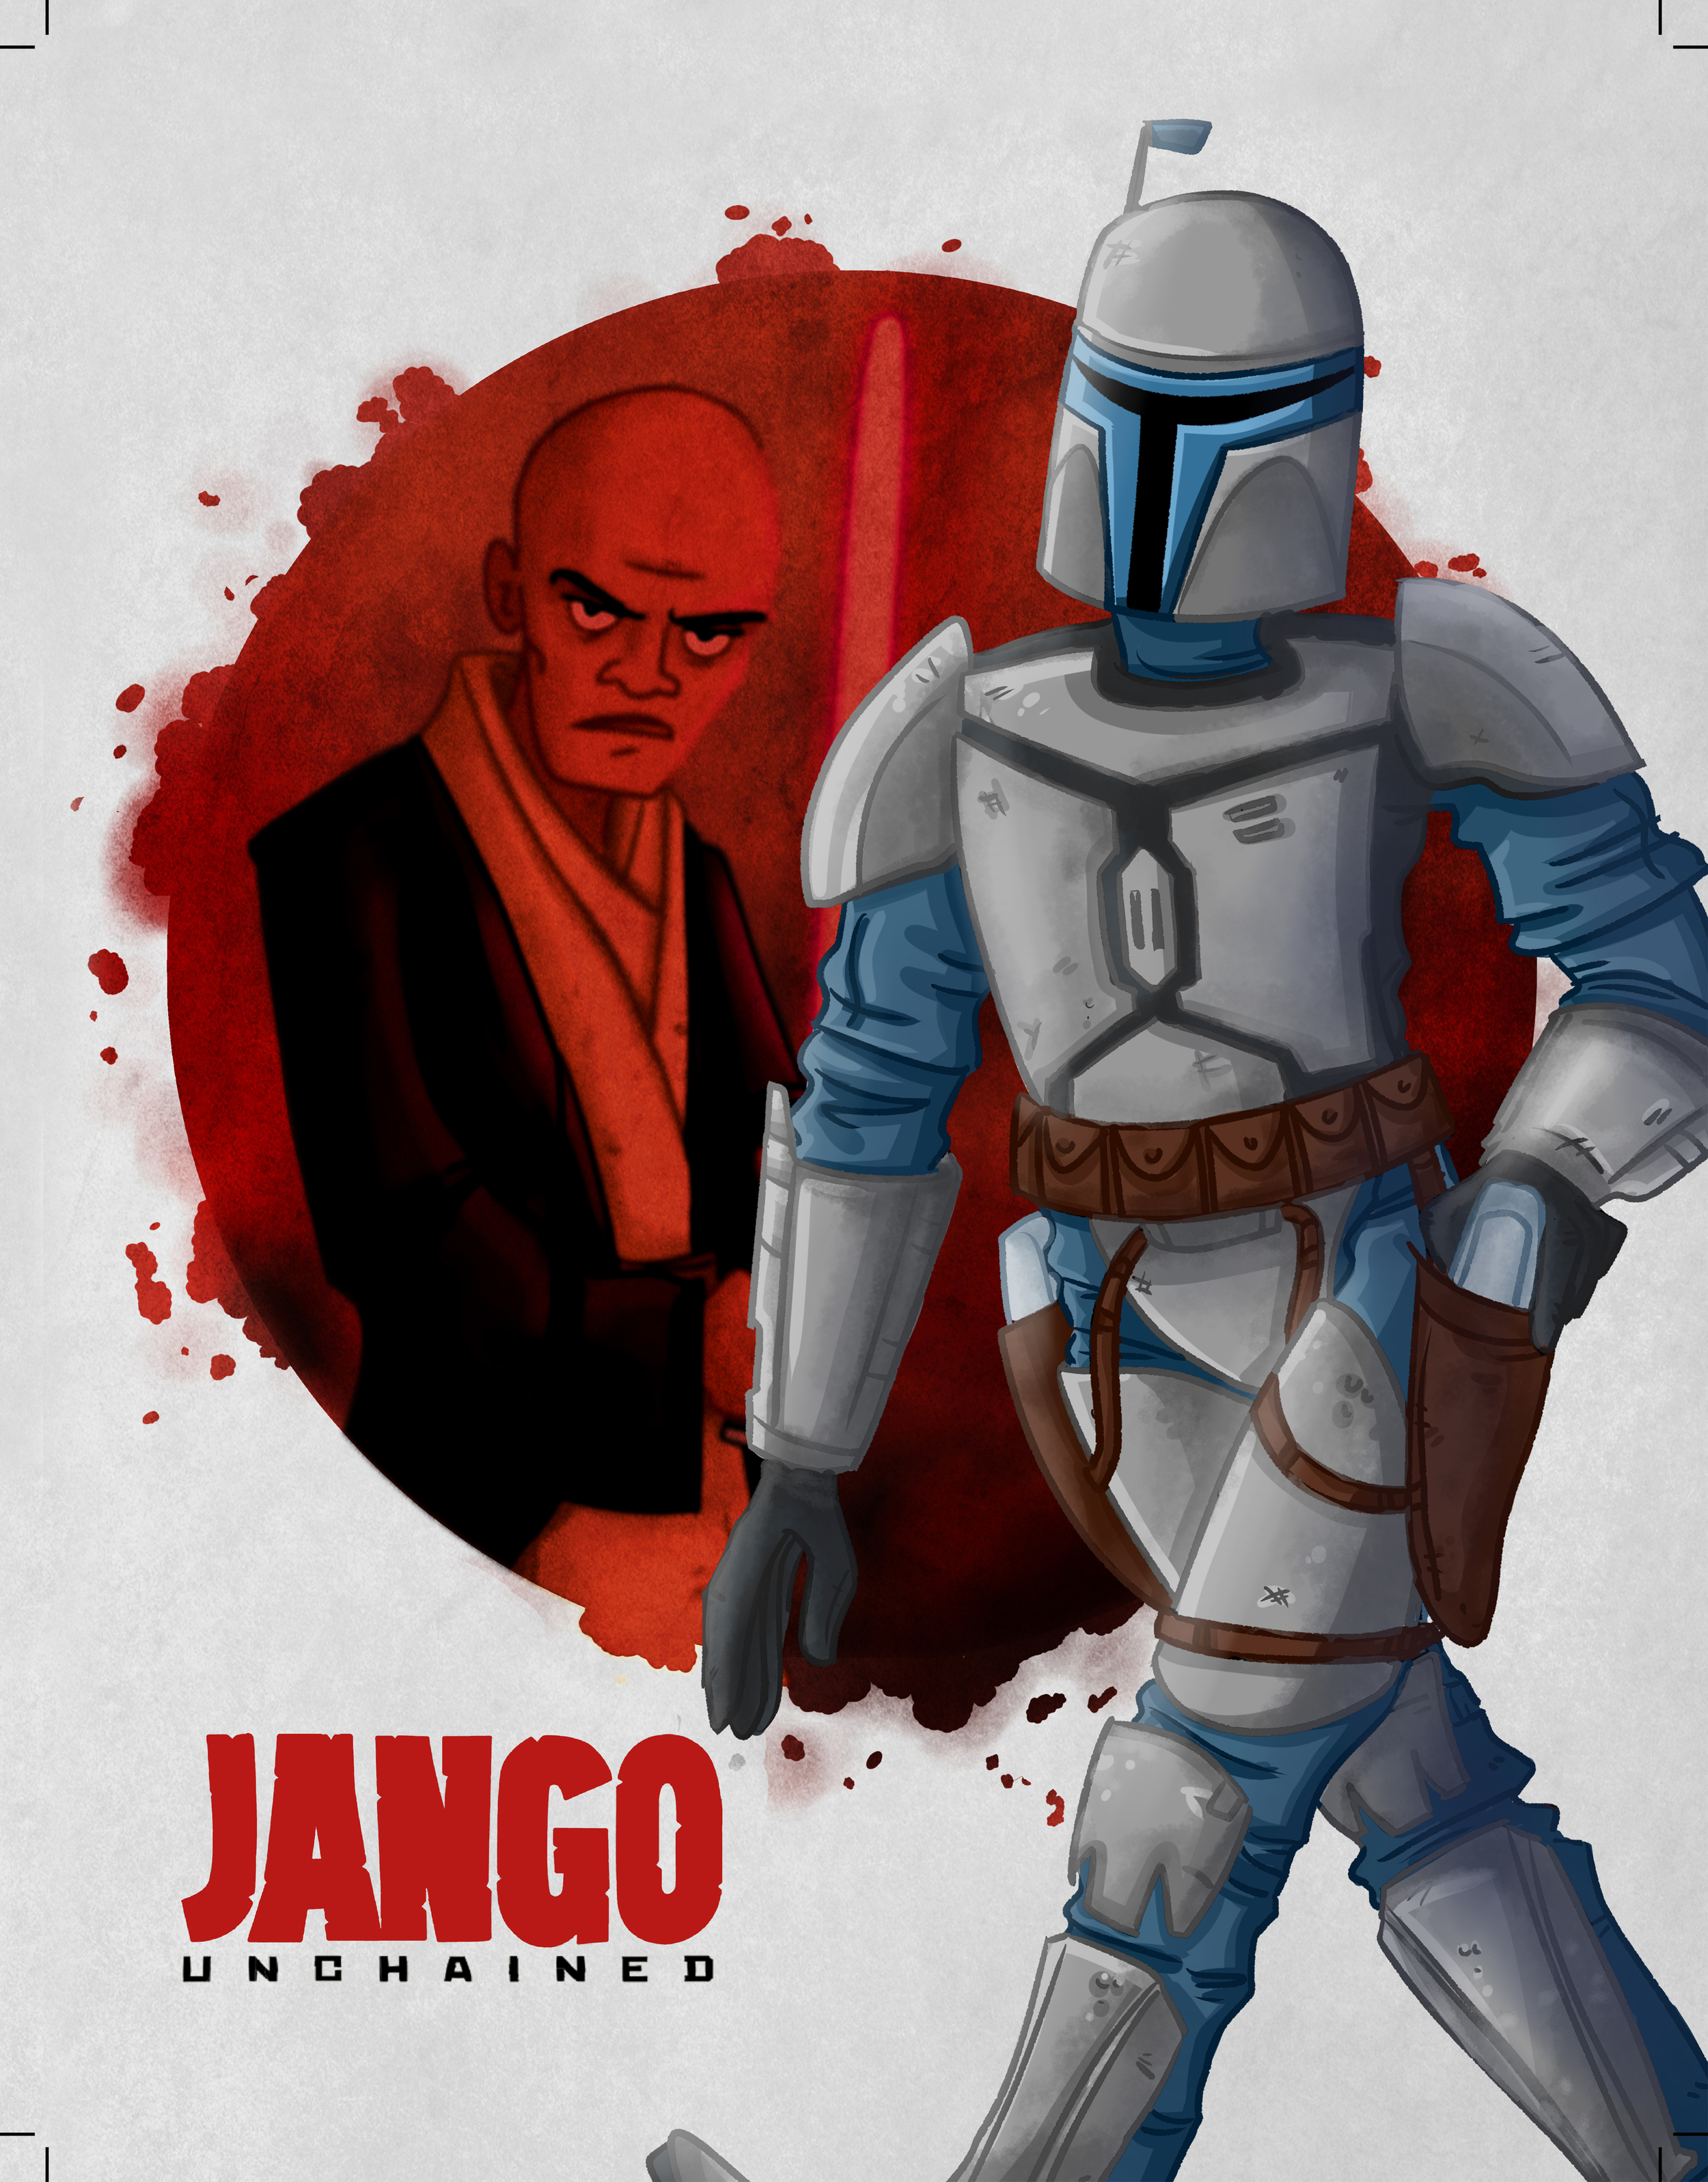 Jango Unchained.jpg